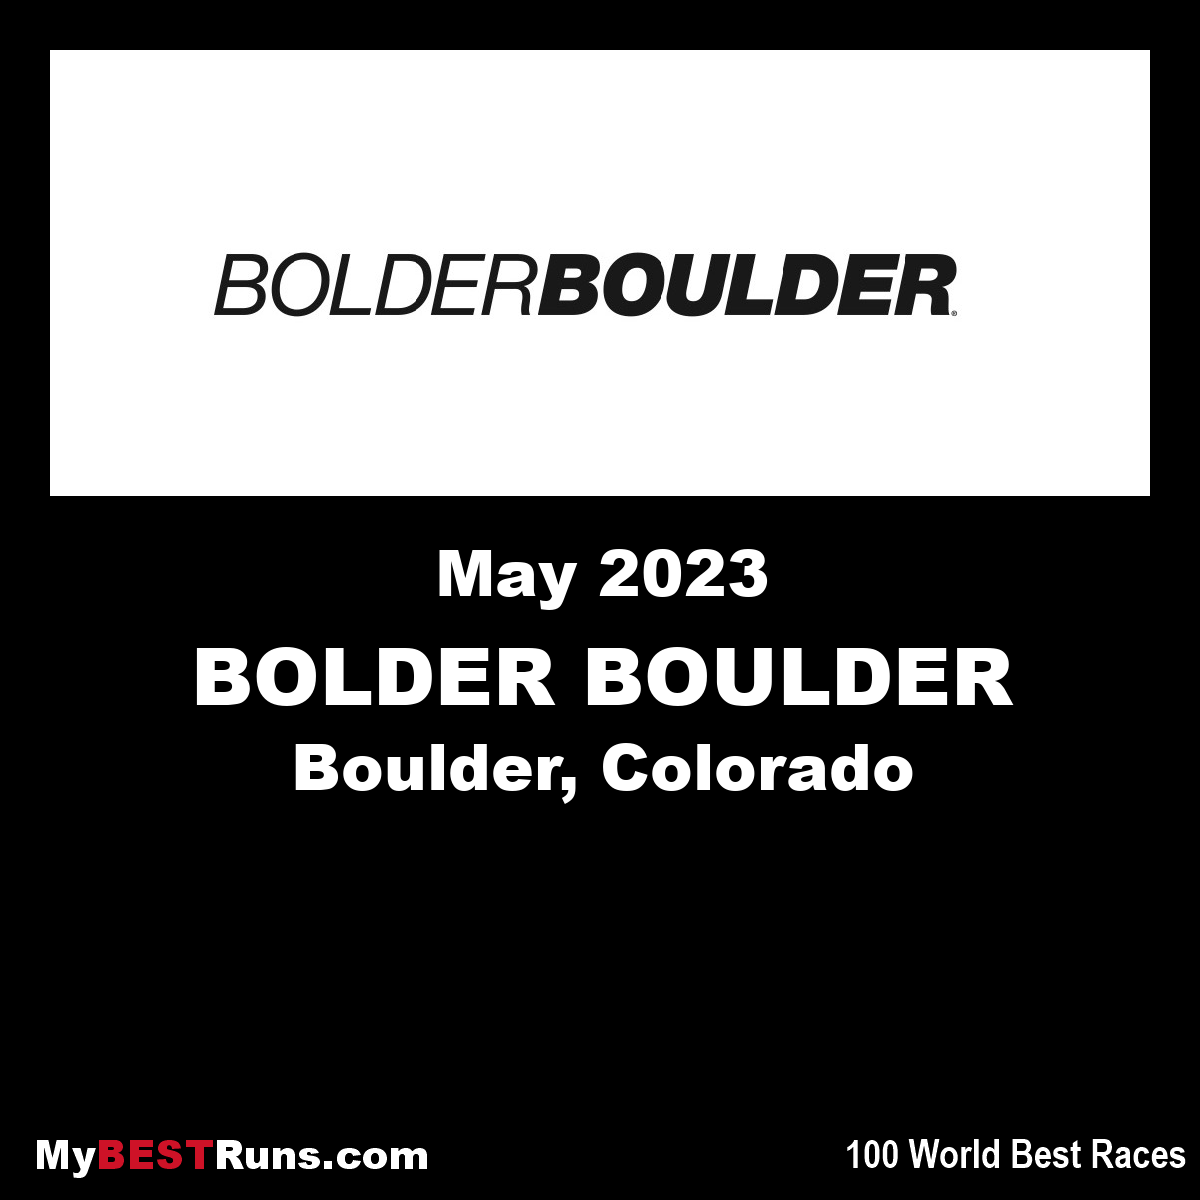 BOLDER BOULDER